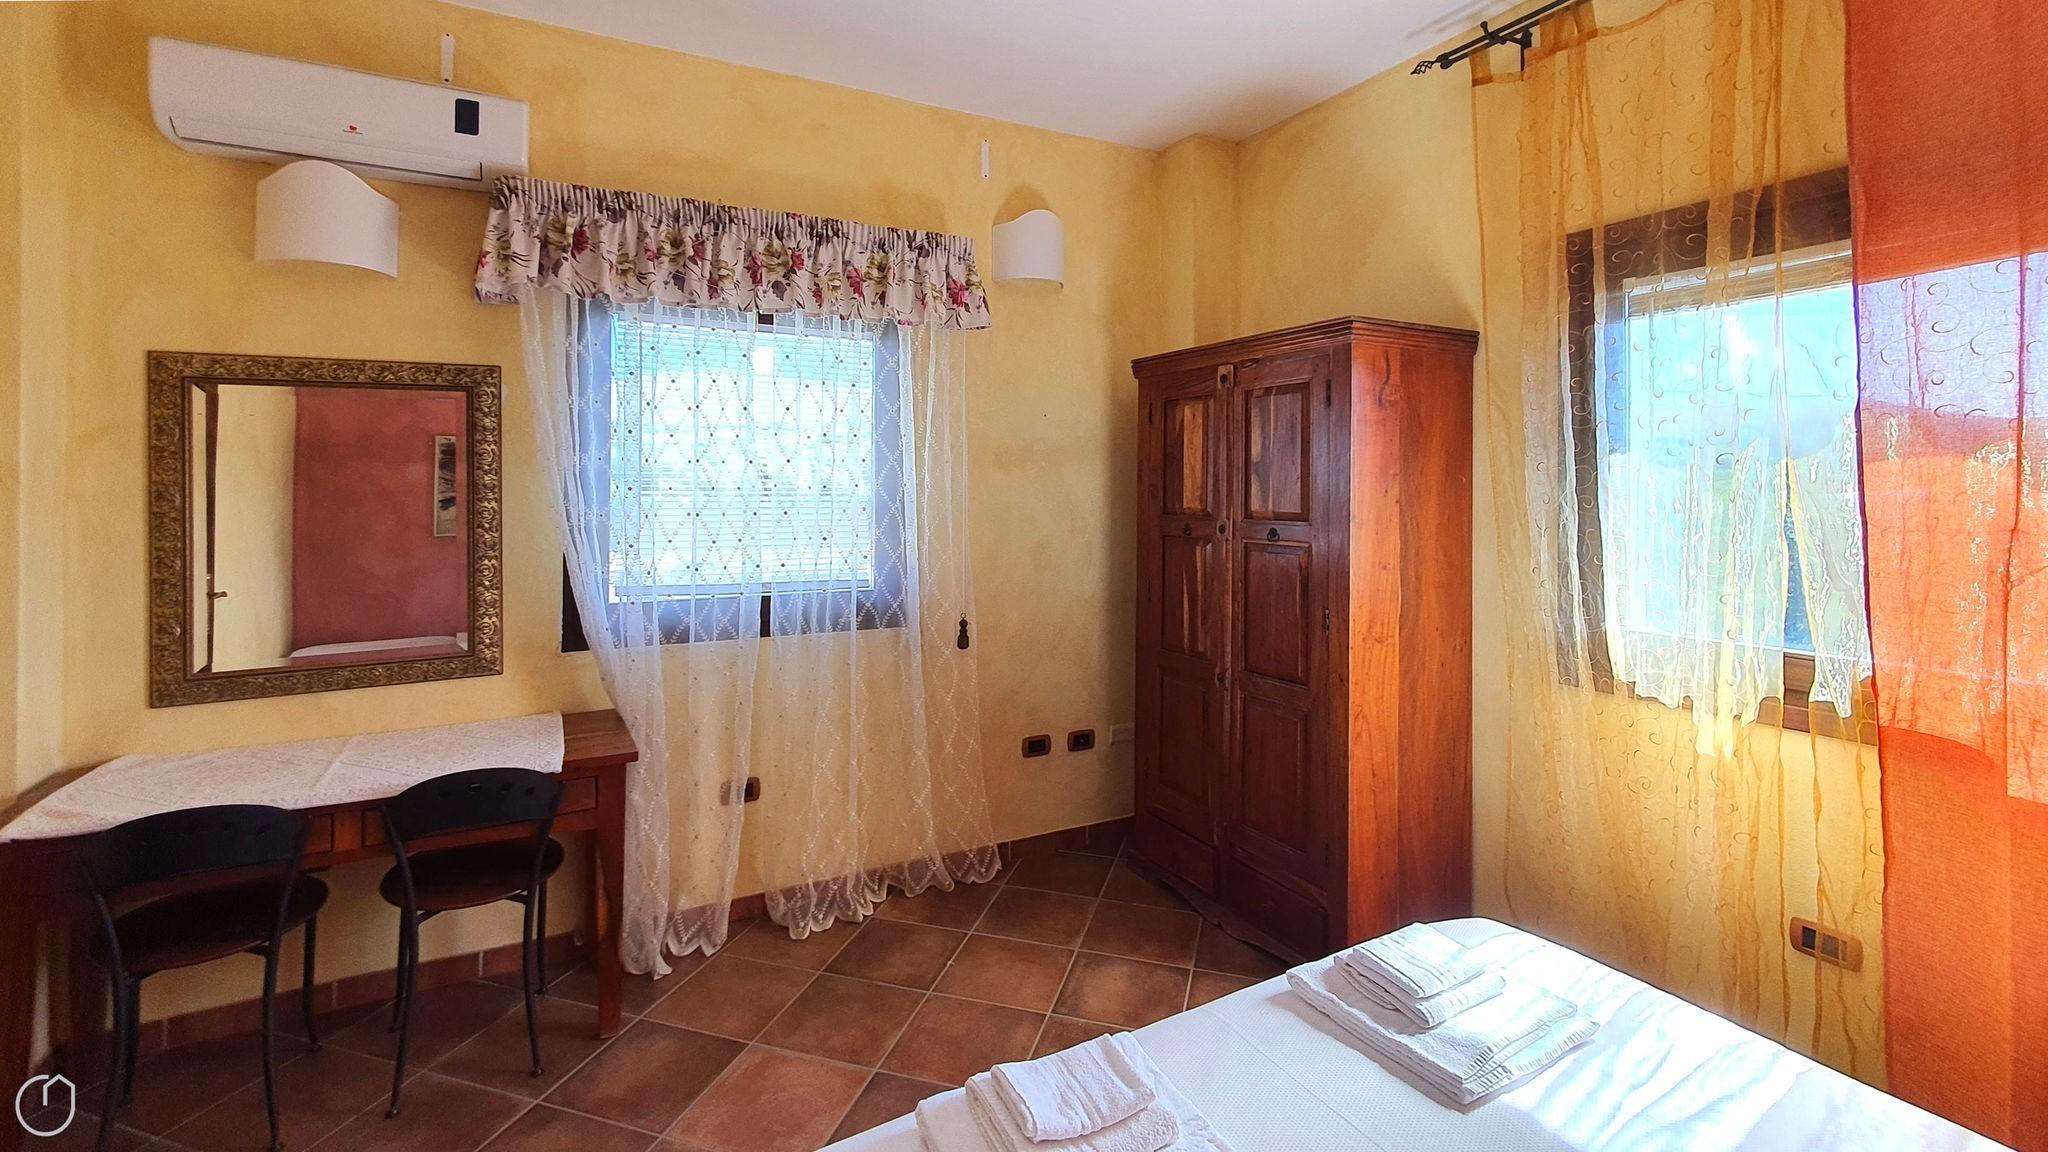 Località Murrecci